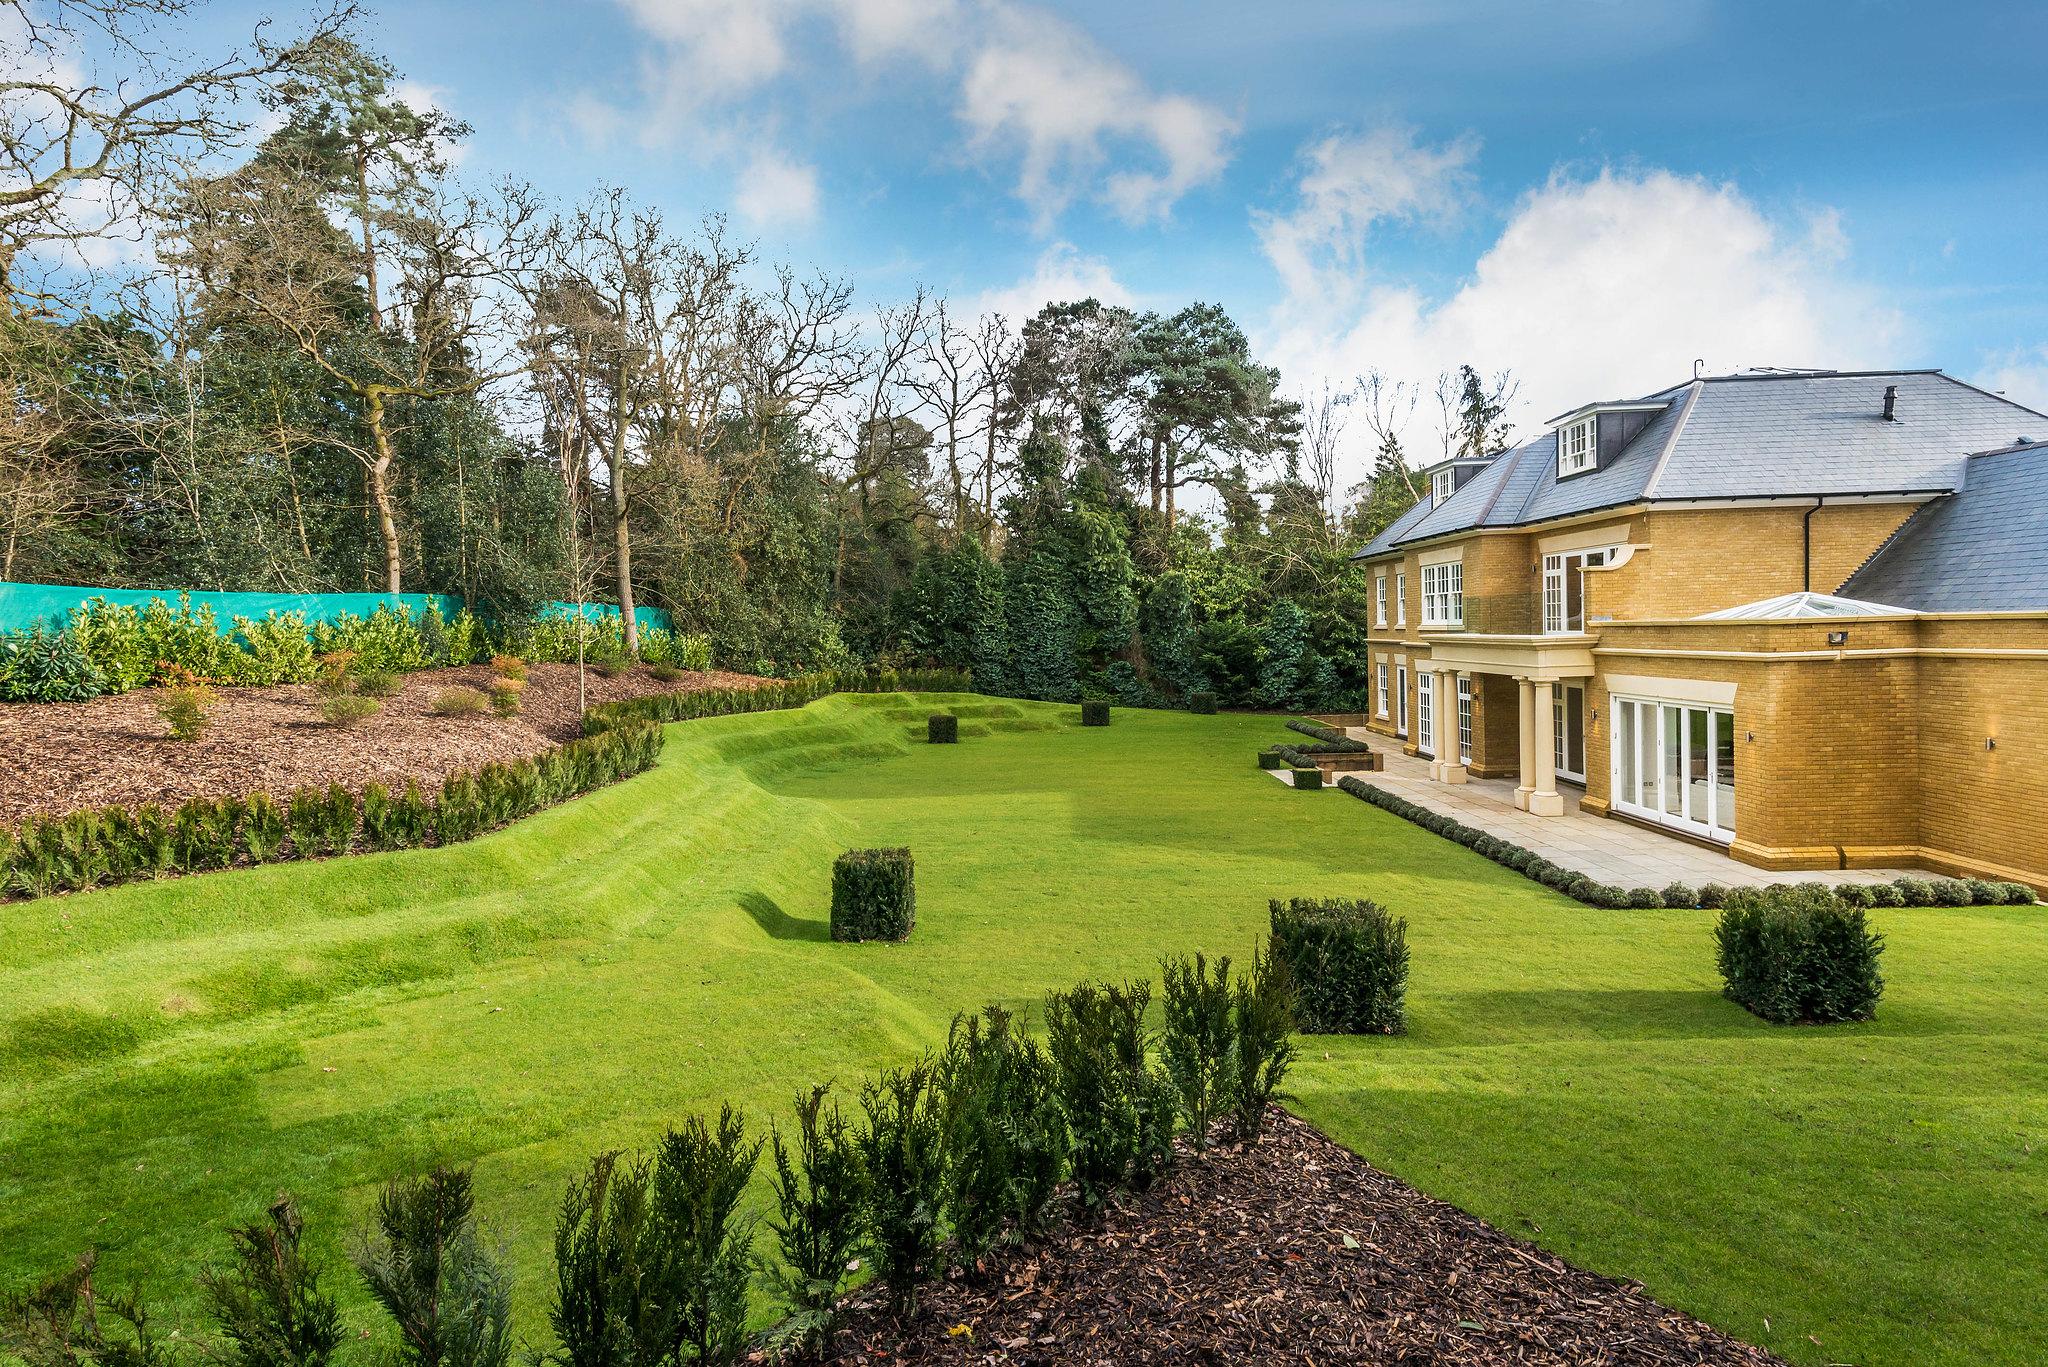 spring-hill-farnham-our-work-private-clients-ascot-design-view4.jpg